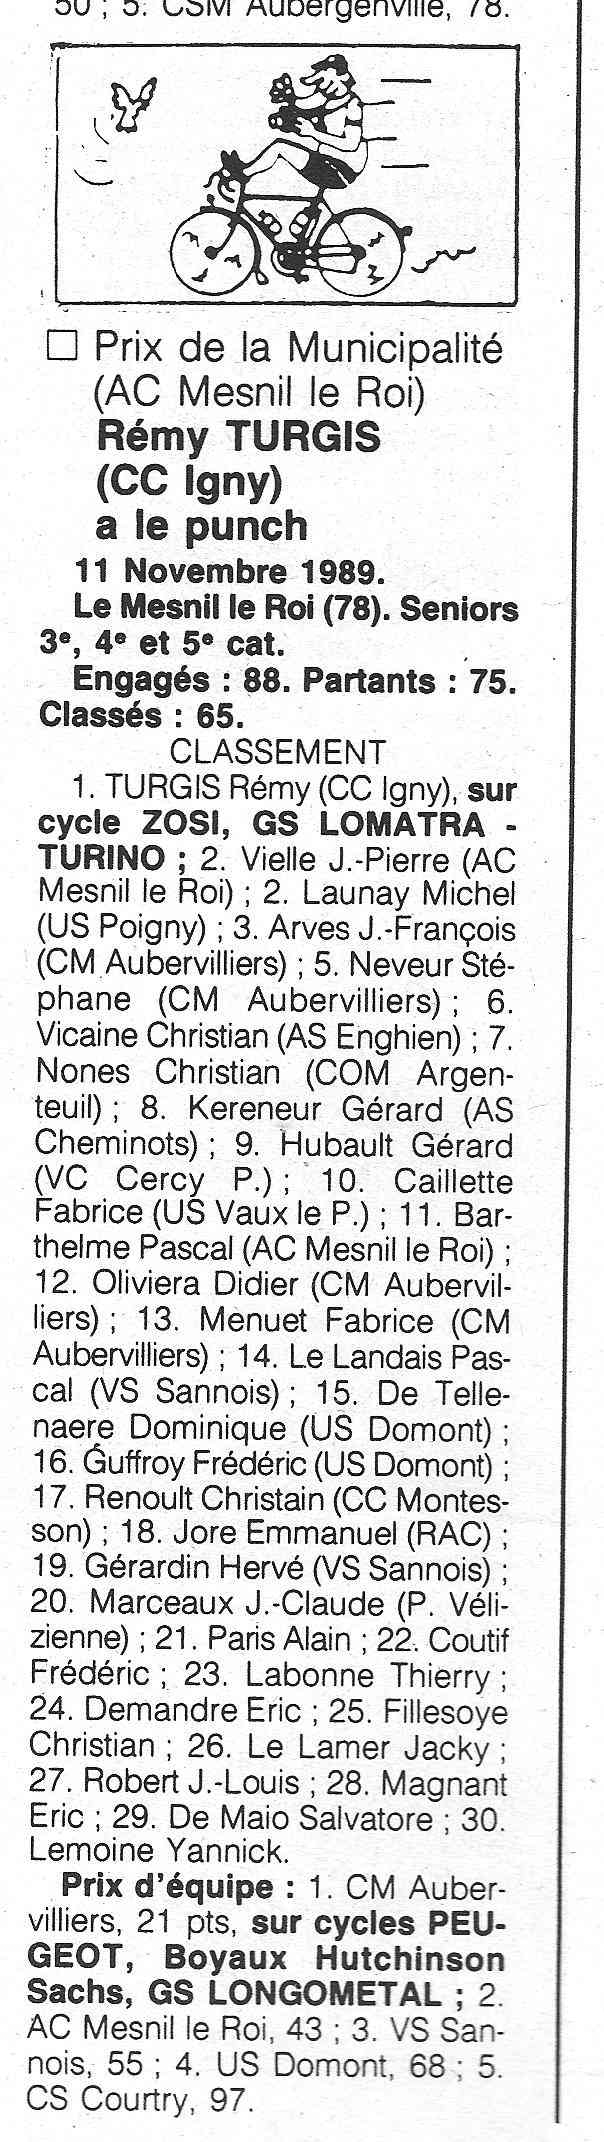 Coureurs et Clubs de février 1984 à décembre 1989 - Page 40 00420